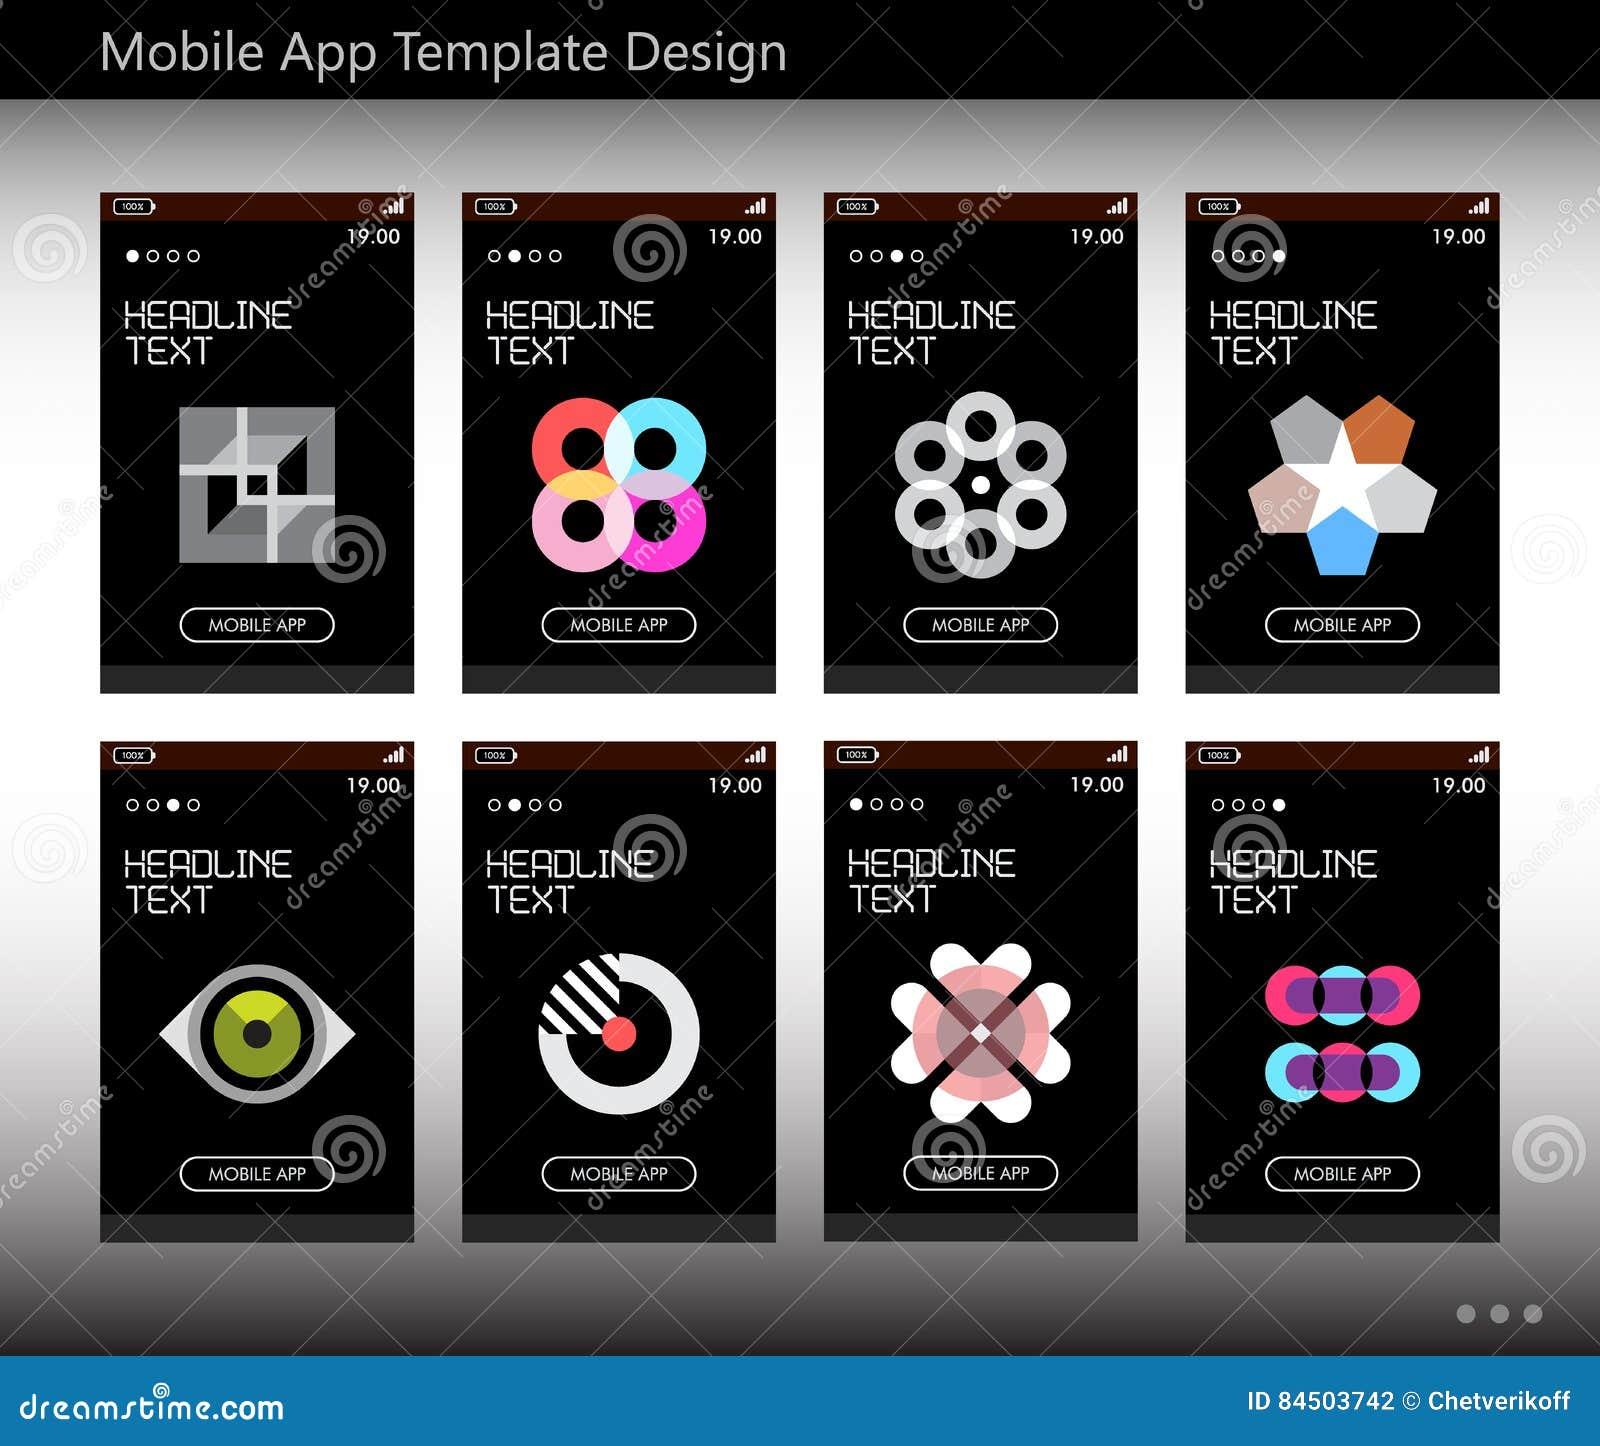 Mobiel App Malplaatjeontwerp